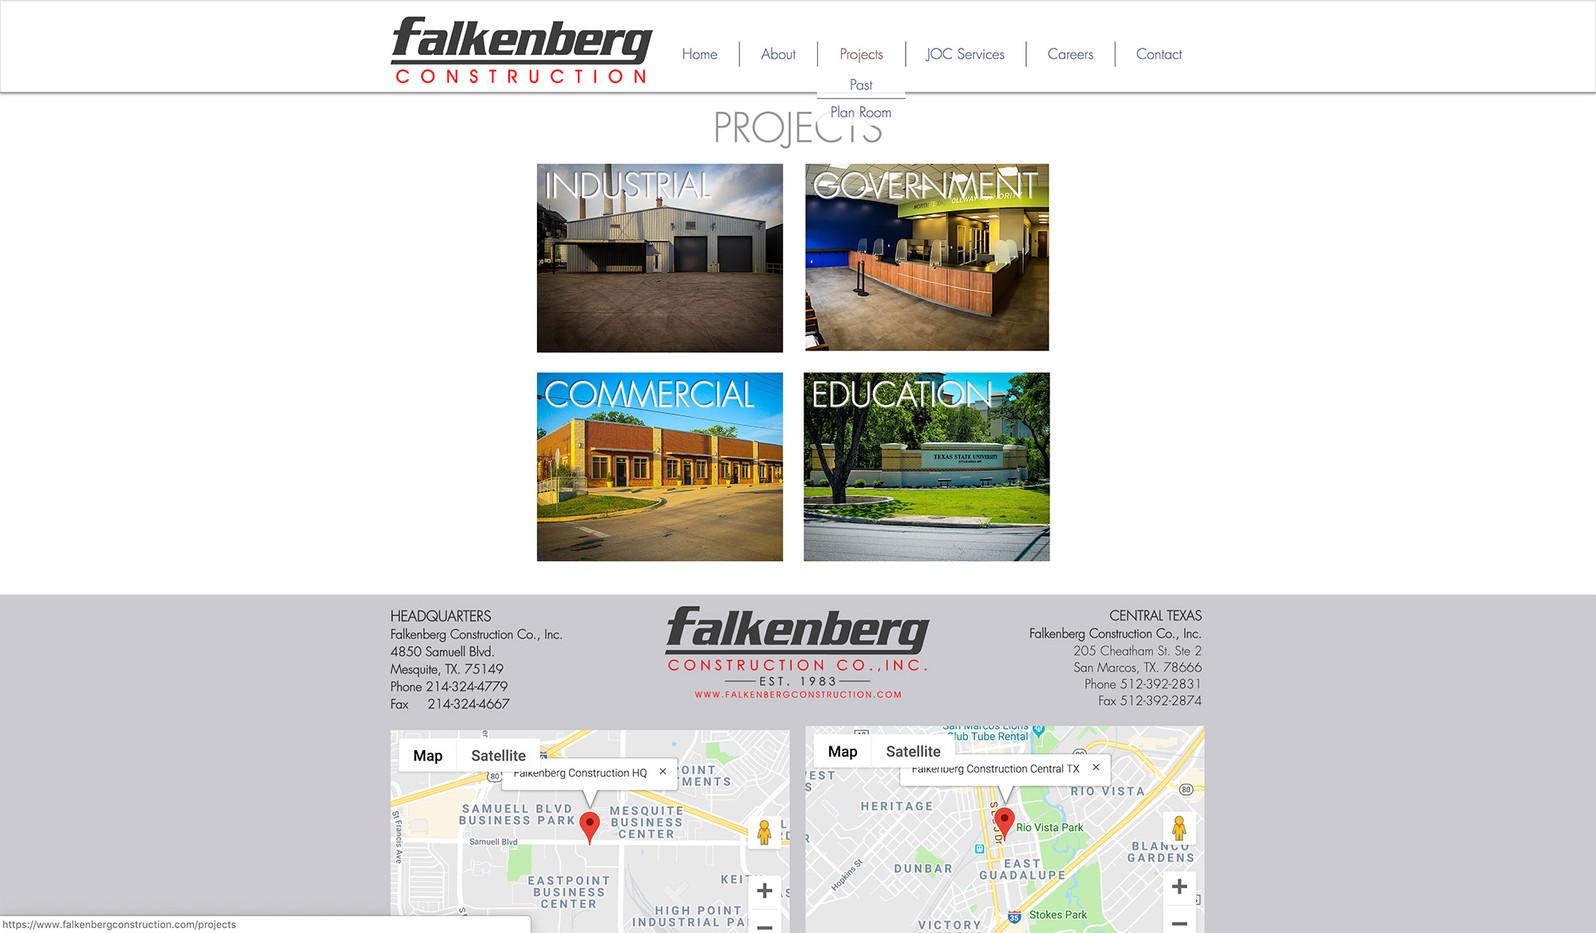 falkenberg_projects.jpg